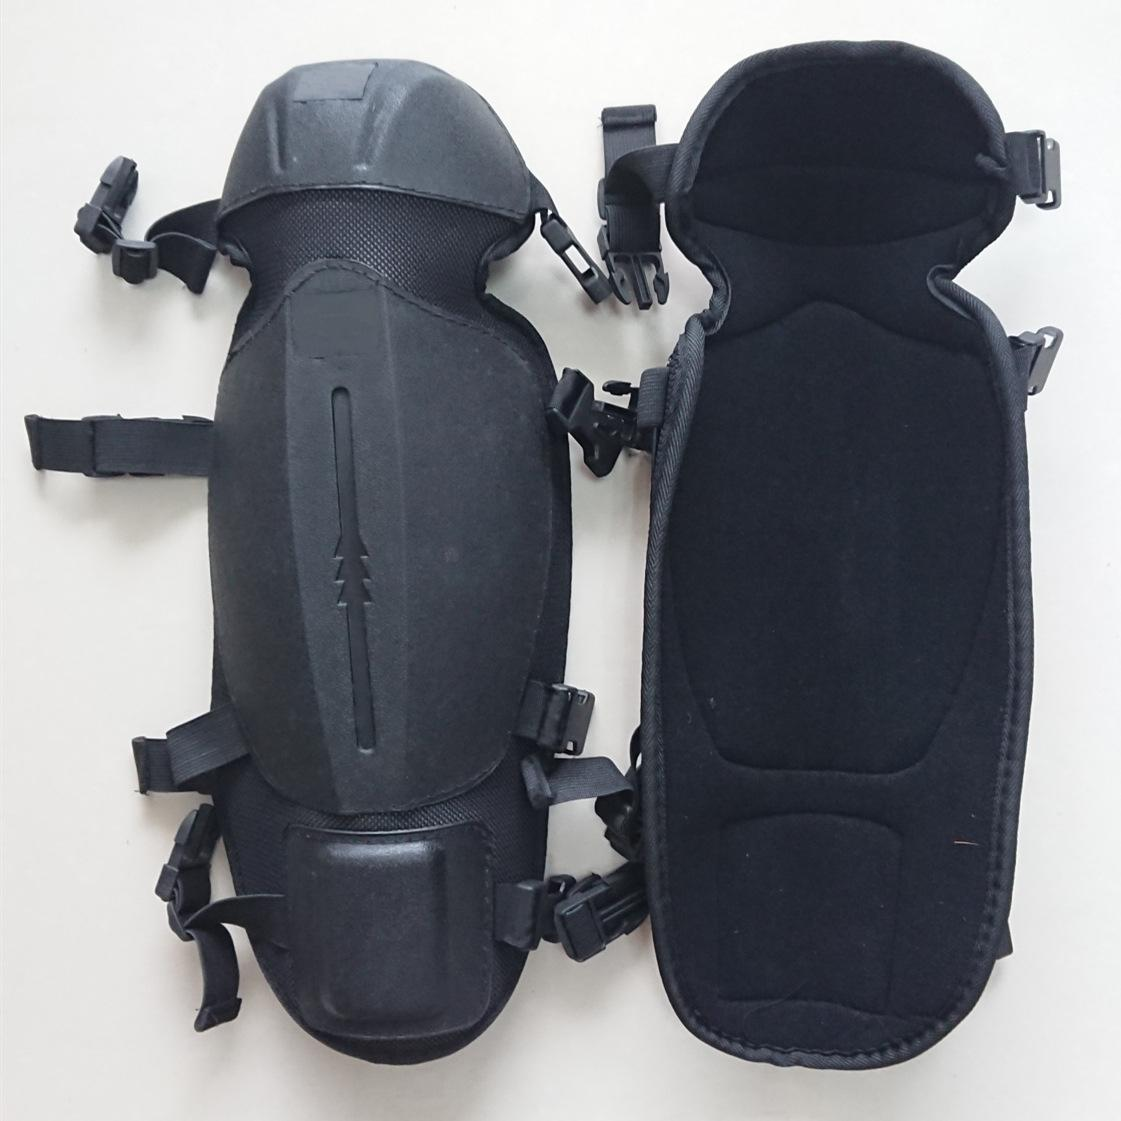 Kneepad,Kneeguard,Kneel pad,Knee protection  2